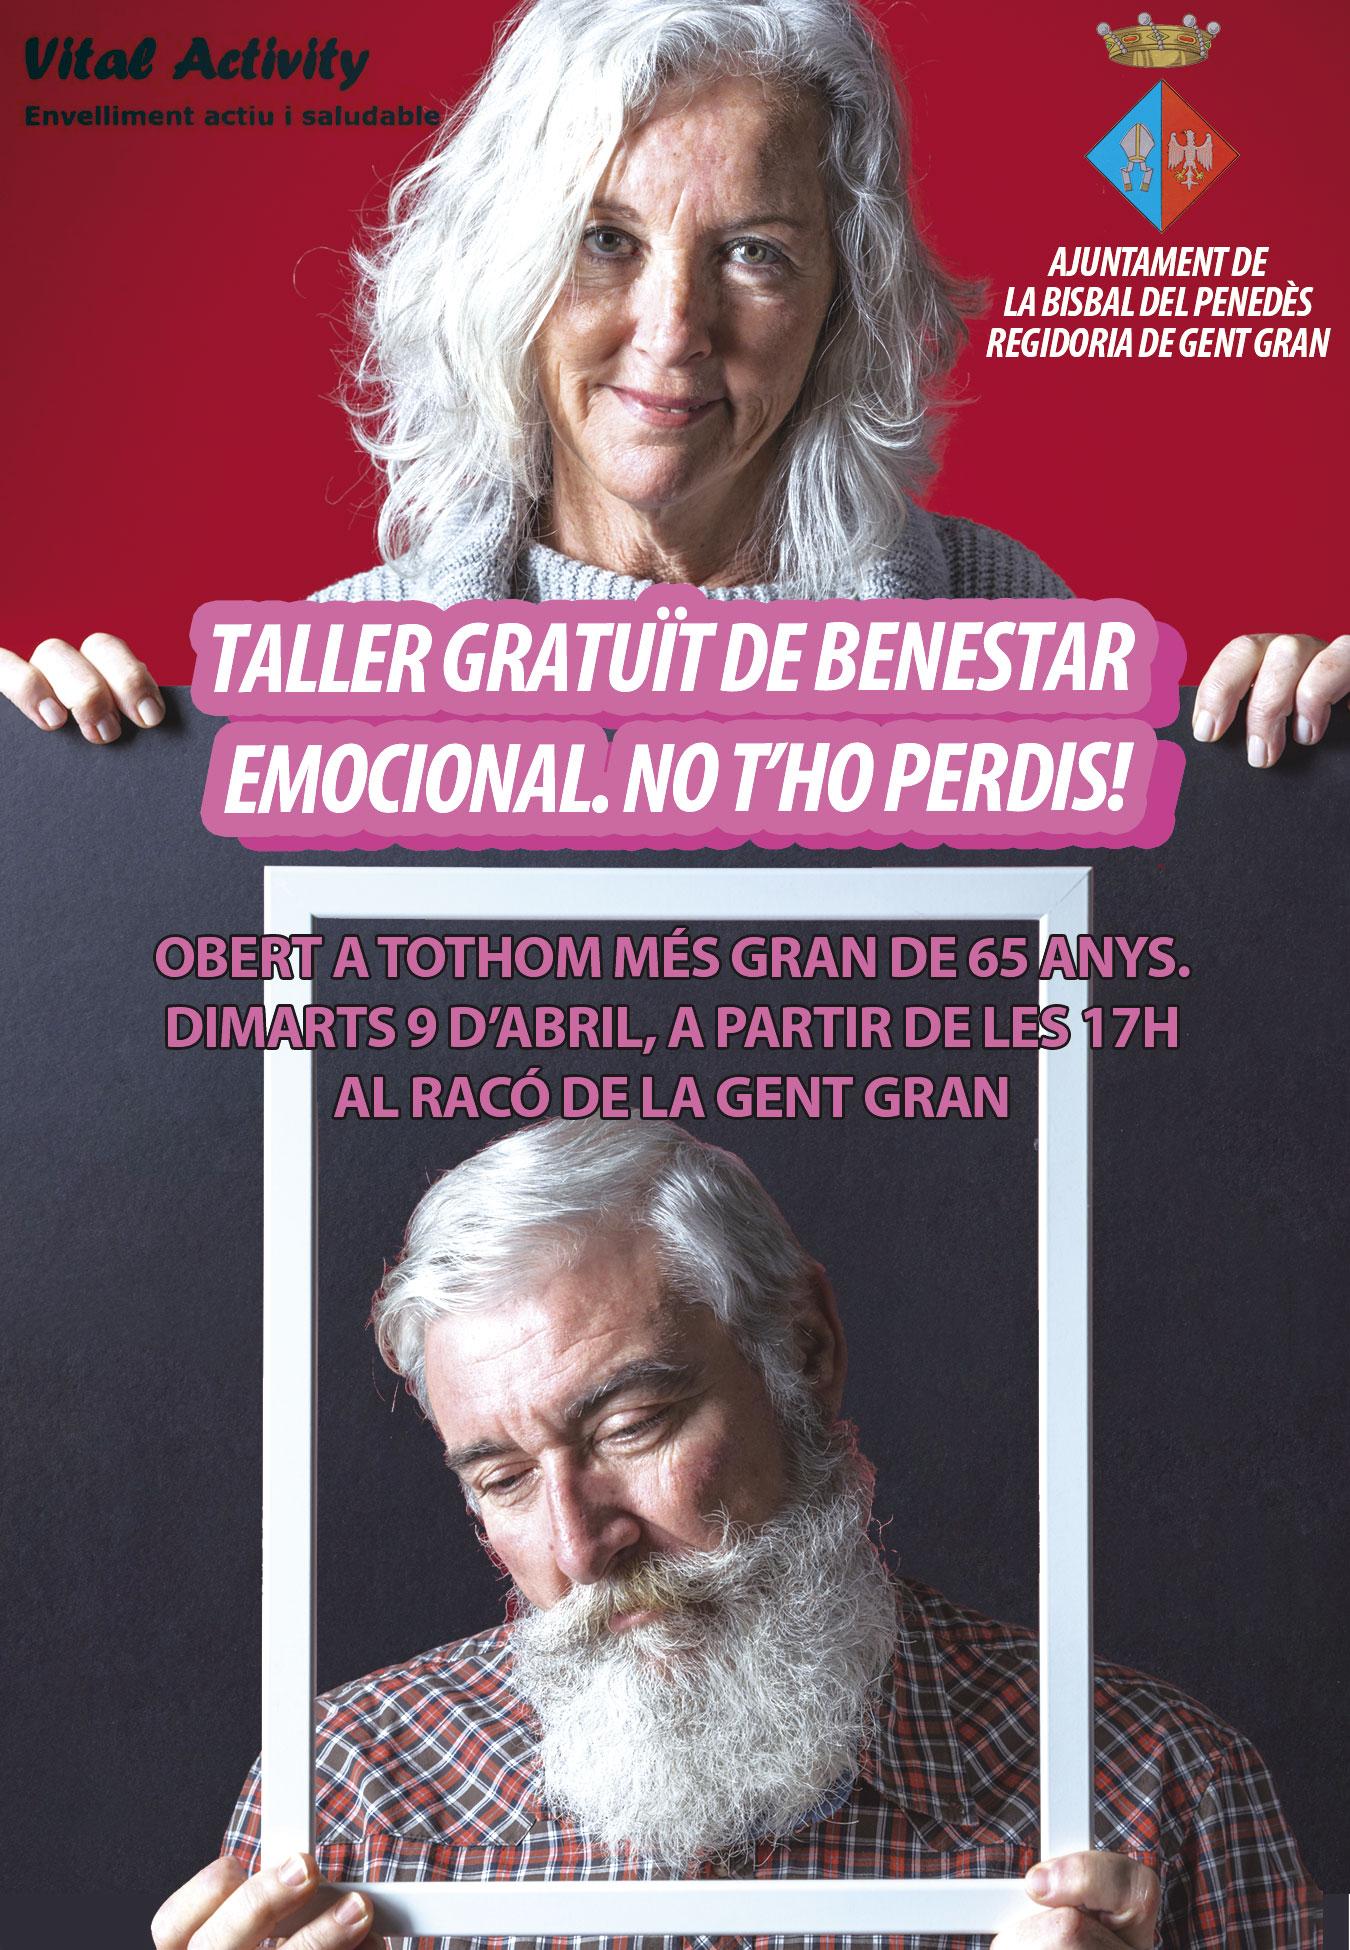 El dimarts 9 d'abril tindrà lloc un taller gratuït de benestar emocional adreçat a la gent gran